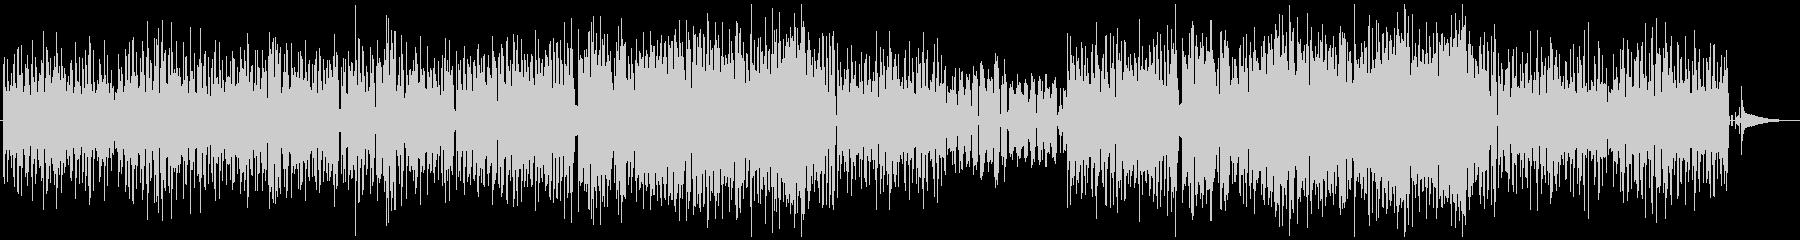 バンドサウンドによる軽快なポップスの未再生の波形